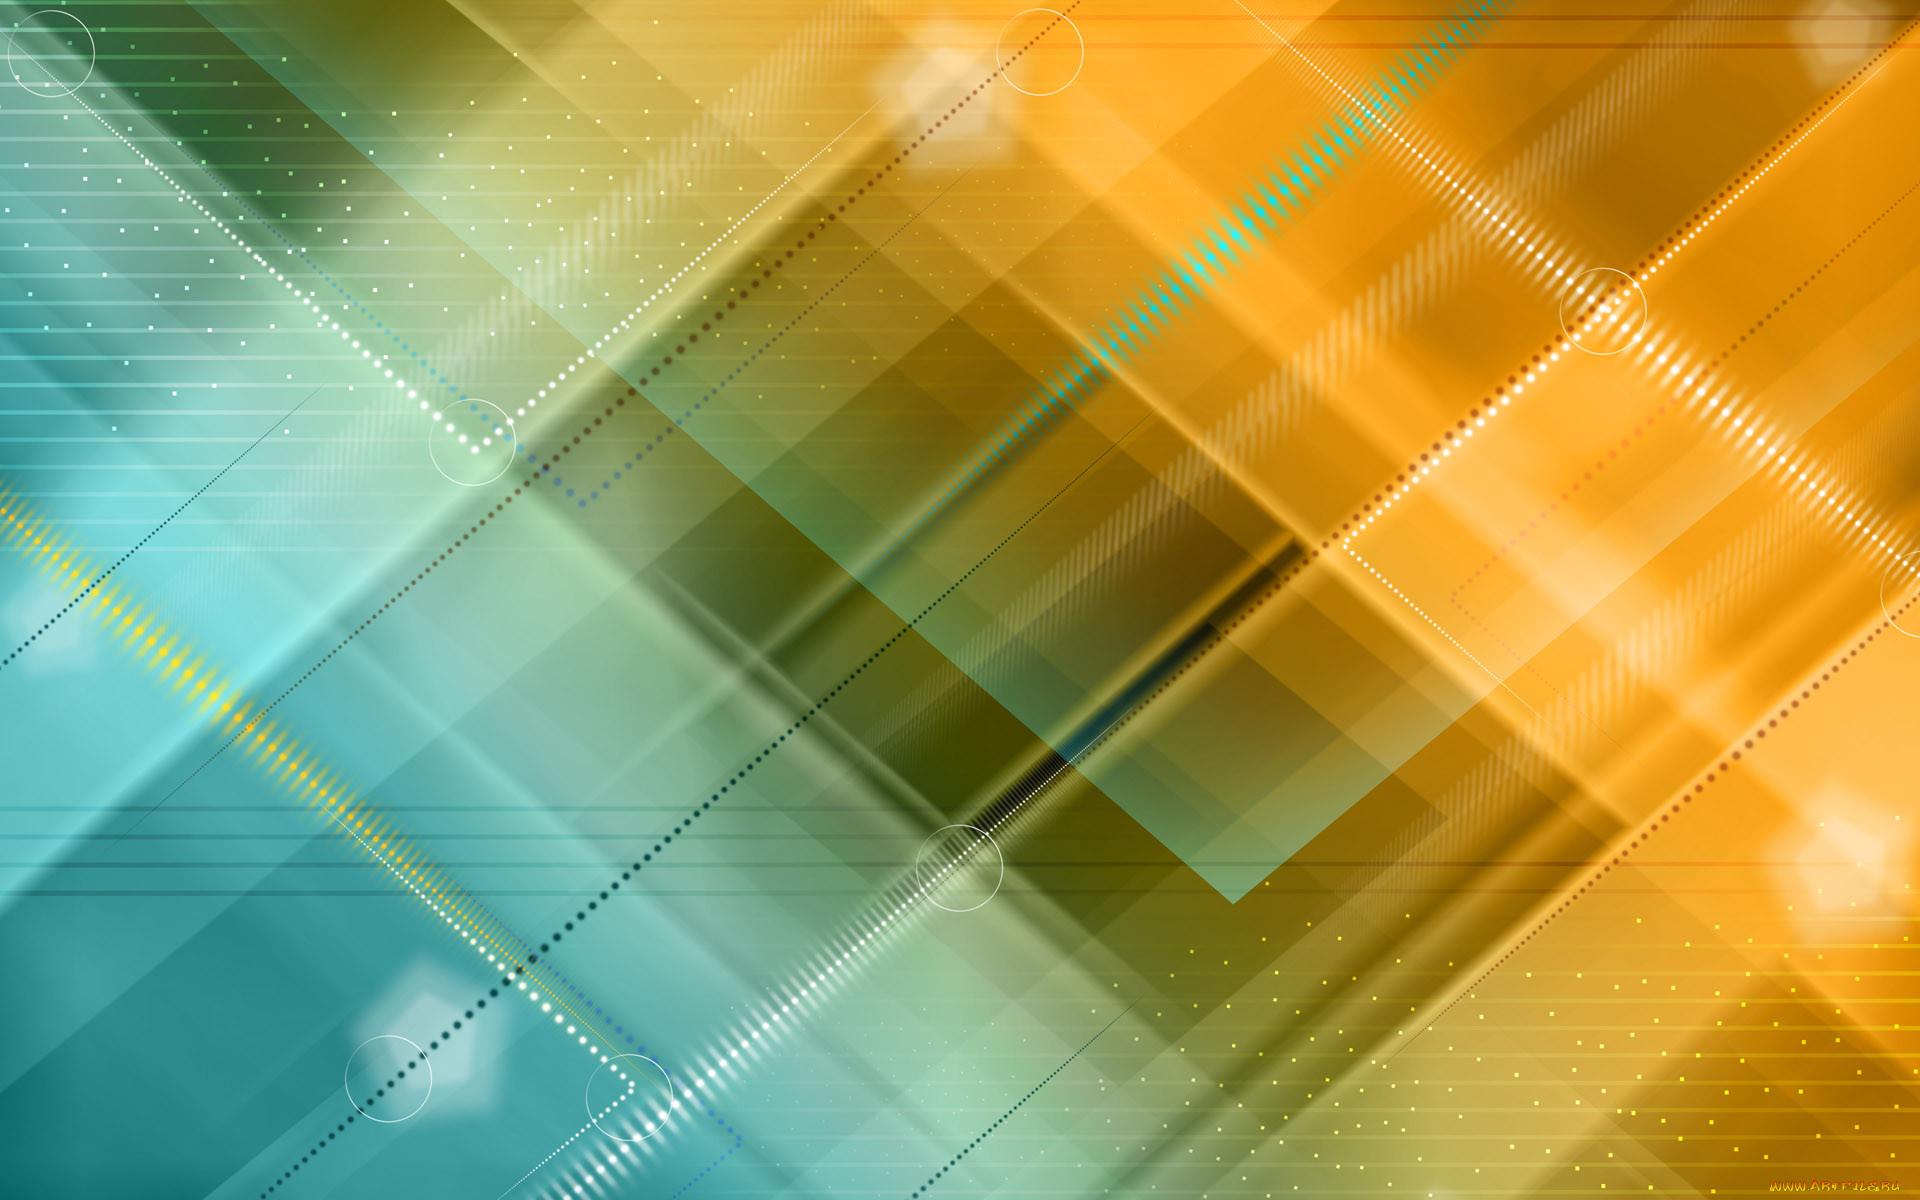 Как в фотошопе выбрать текстуру фона